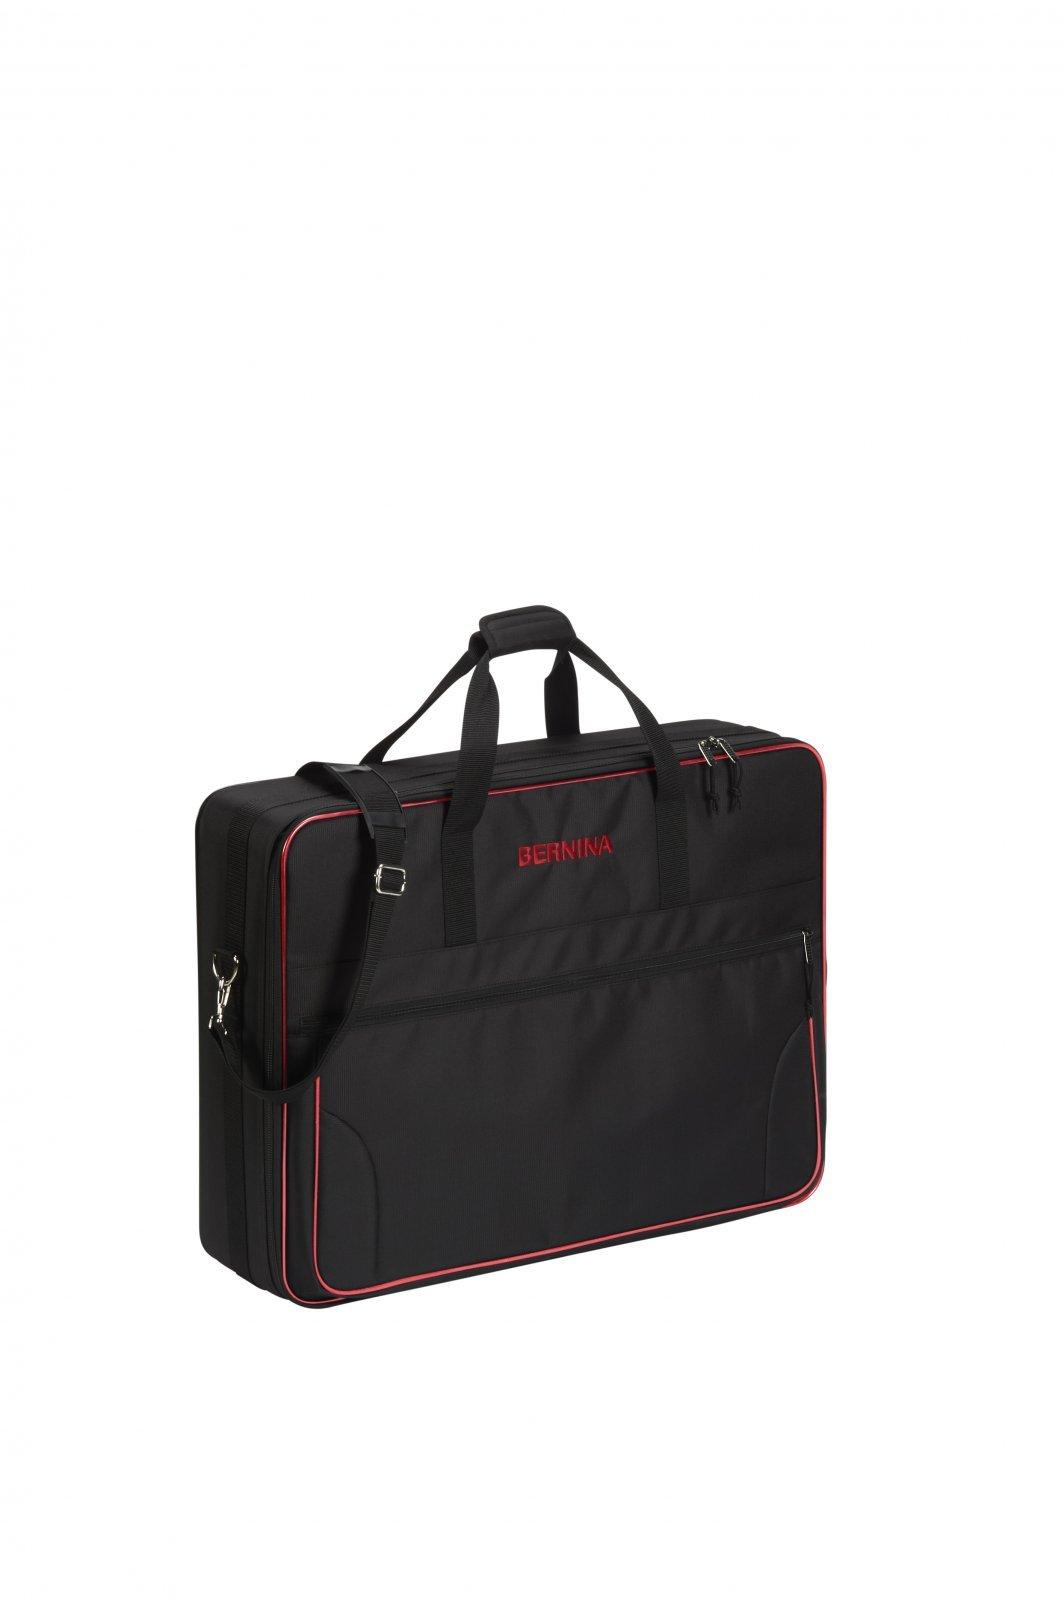 Bernina Large Module Suitcase